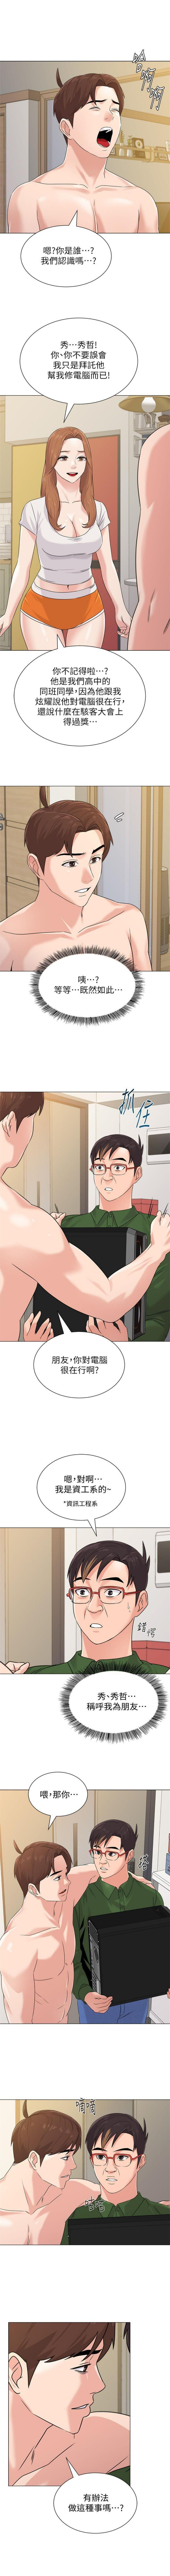 老師 1-80 官方中文(連載中) 473